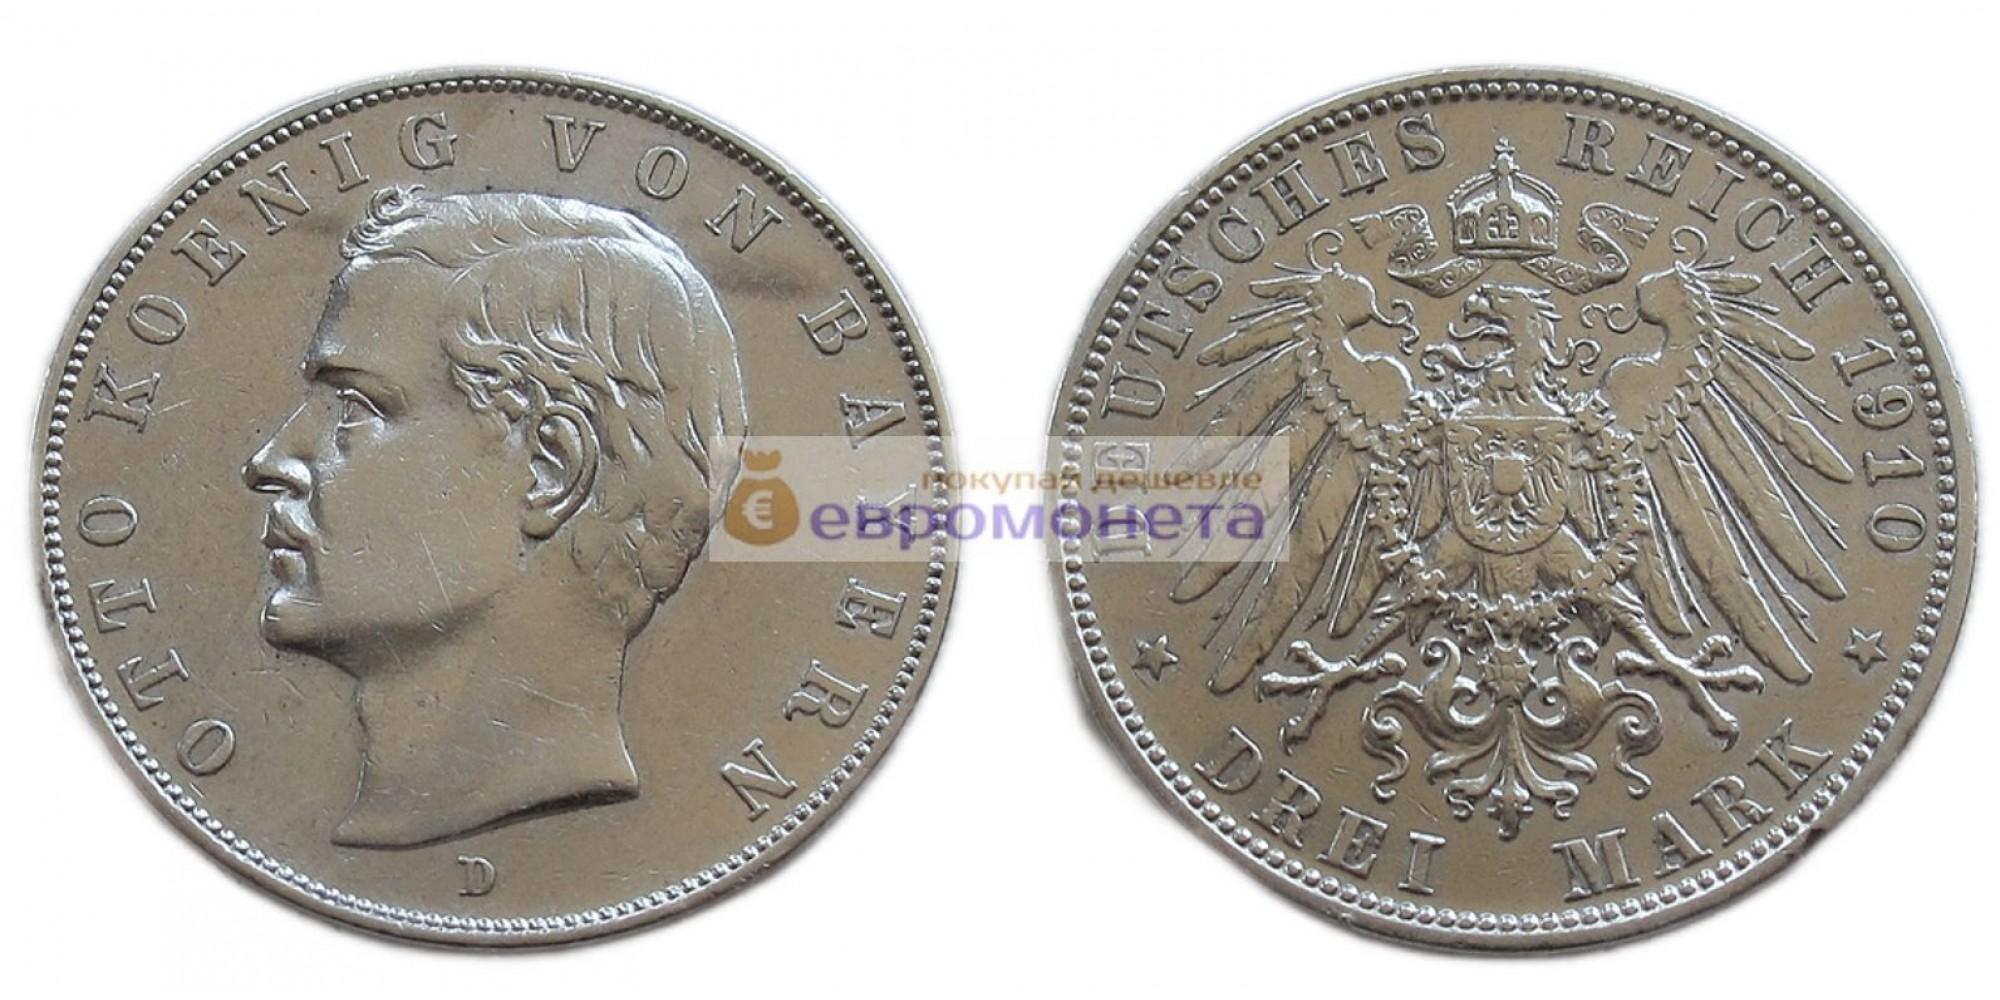 """Германская империя Бавария 3 марки 1910 год """"D"""" Отто. Серебро."""